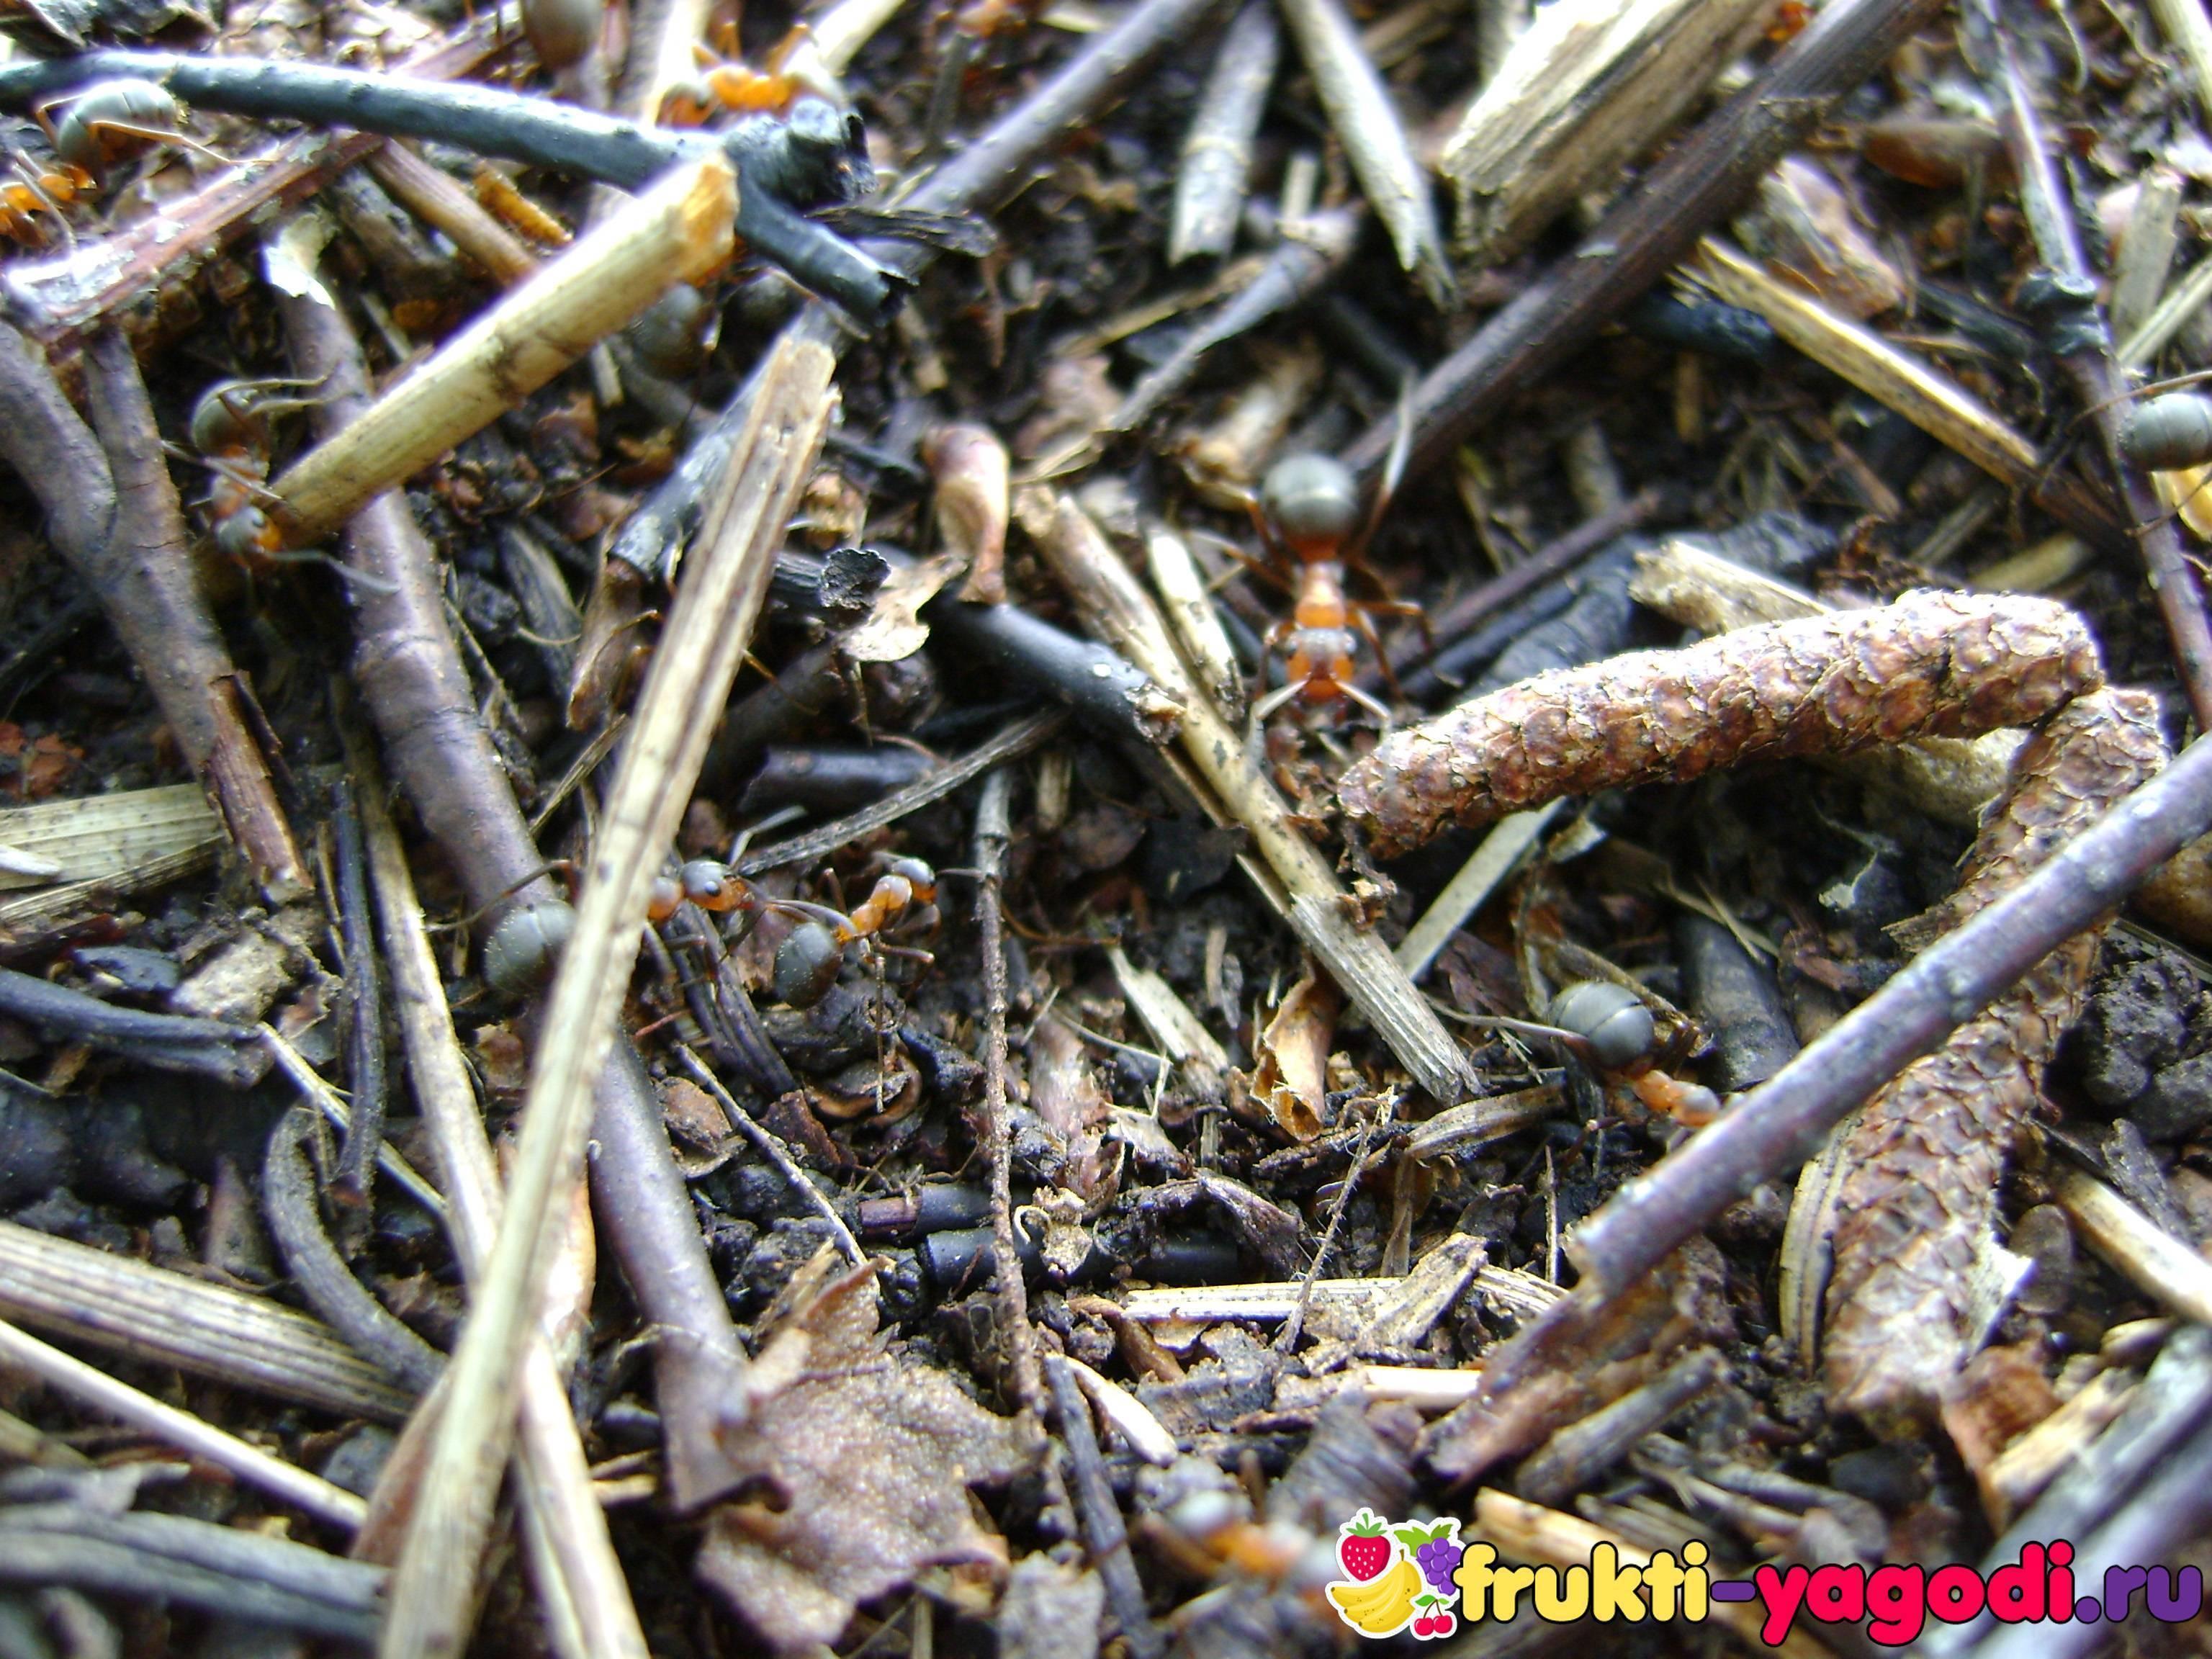 Как избавиться от муравьёв на деревьях плодовых